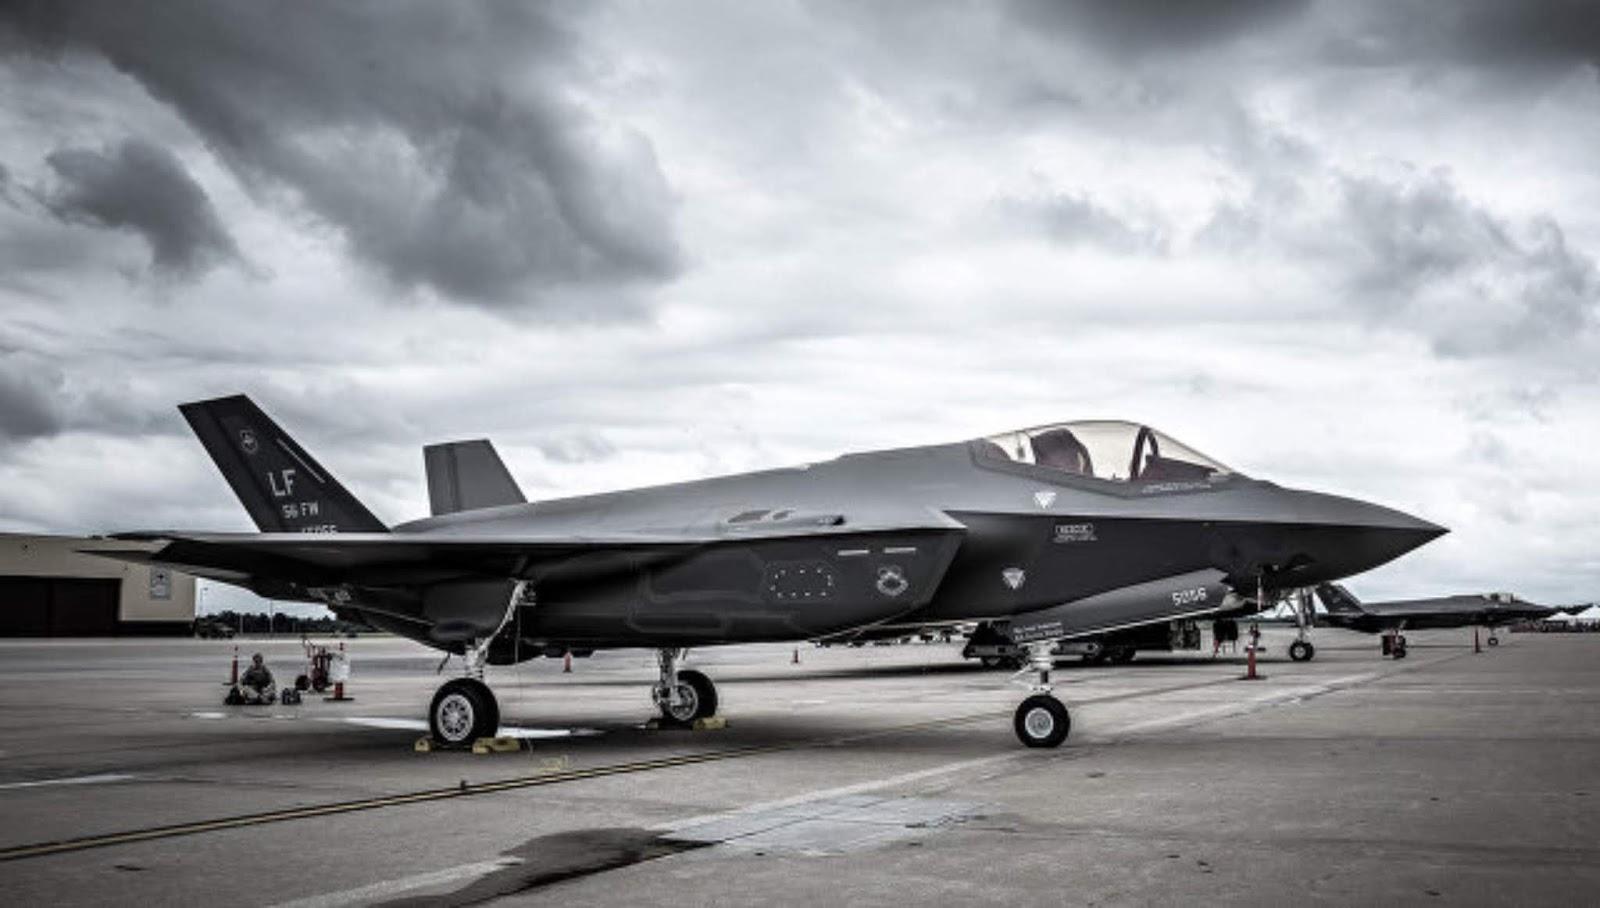 Jepang ingin membeli 20 pesawat F-35B untuk kemungkinan penyebaran pada kapal induk